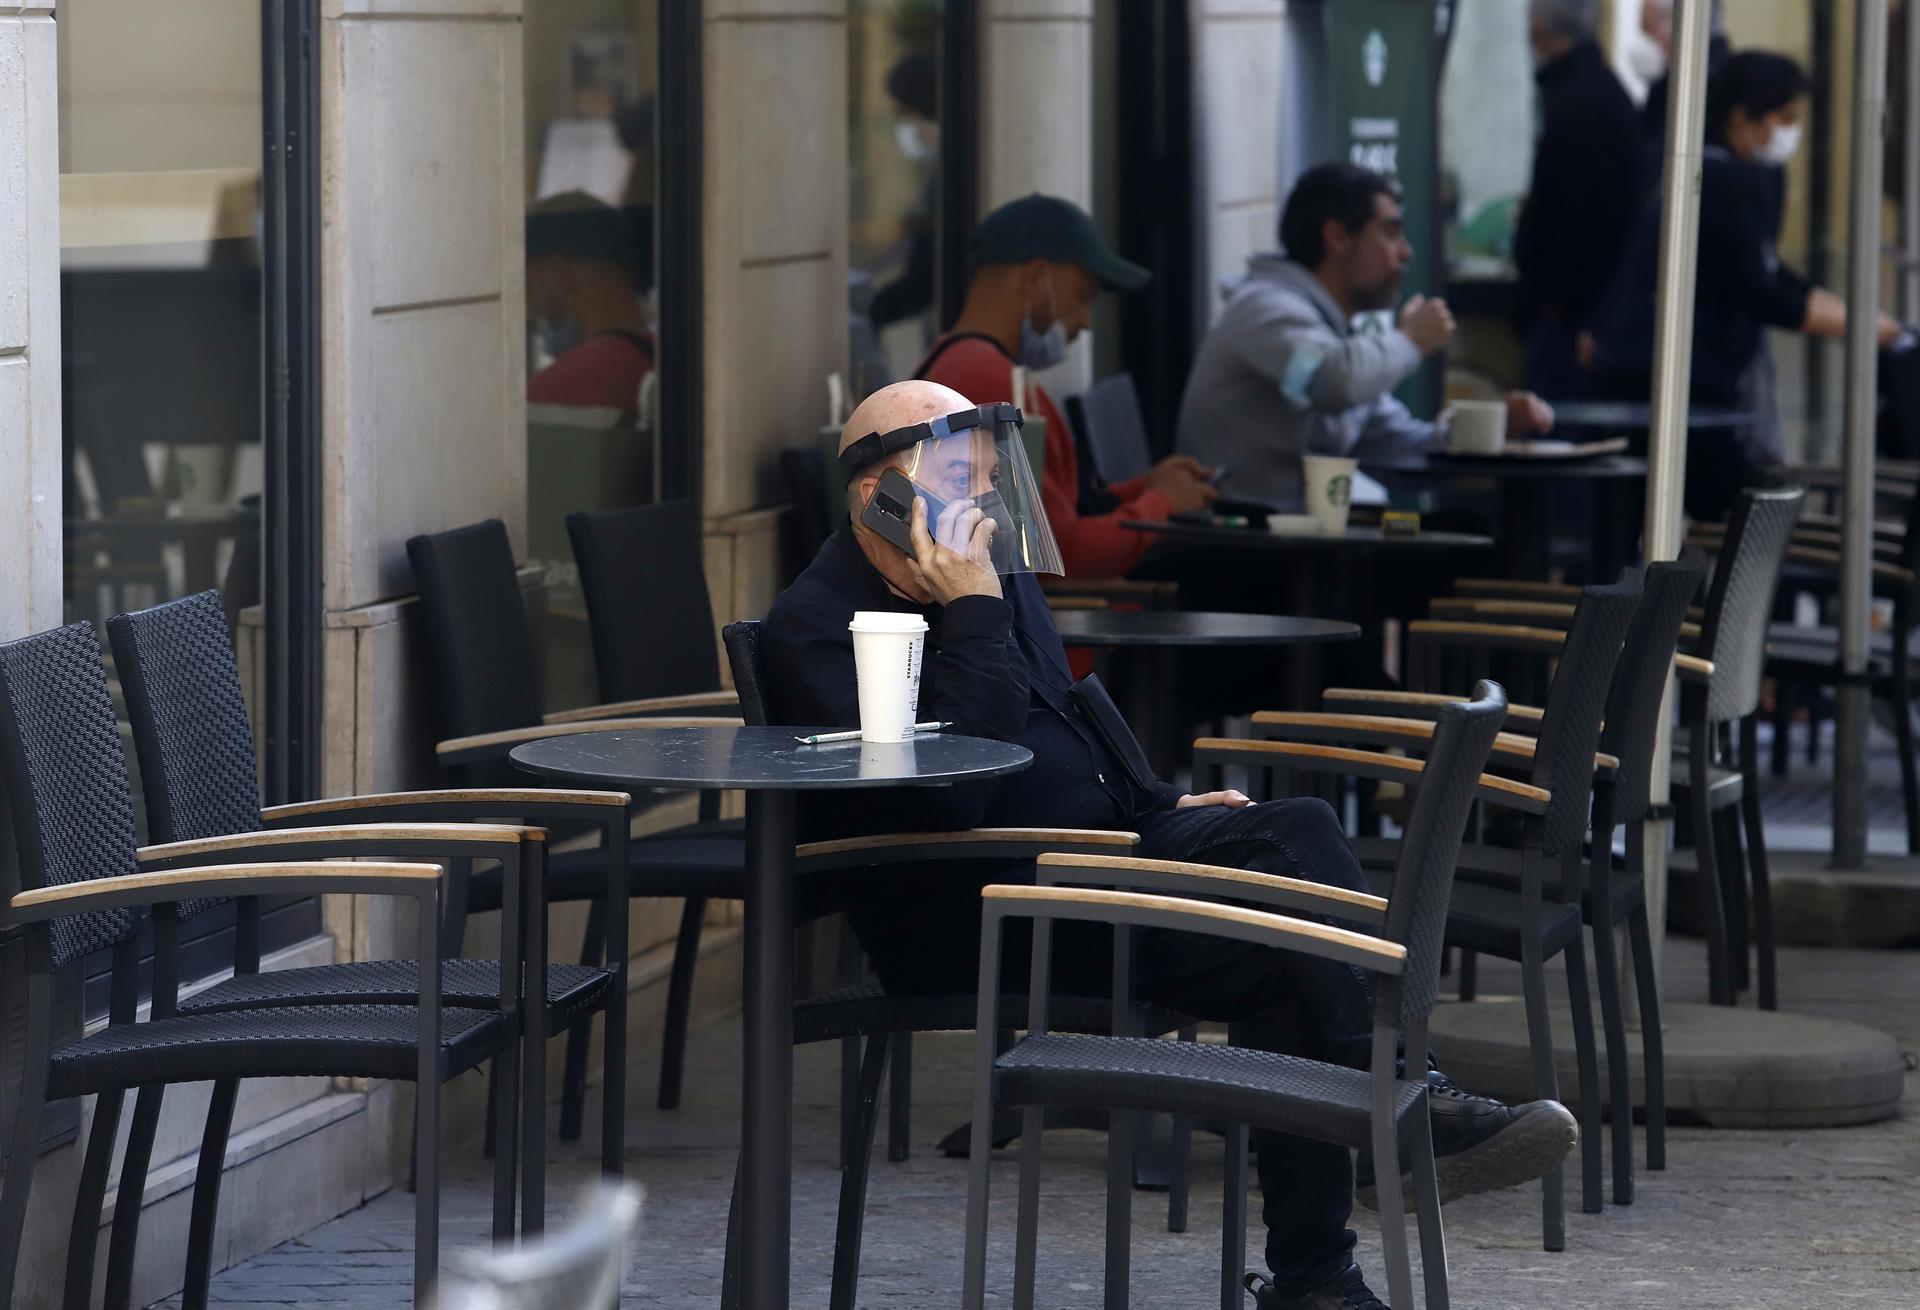 Hosteleros andaluces rechazan nuevas restricciones del BOE y confían en mantener plan de desescalada de Junta